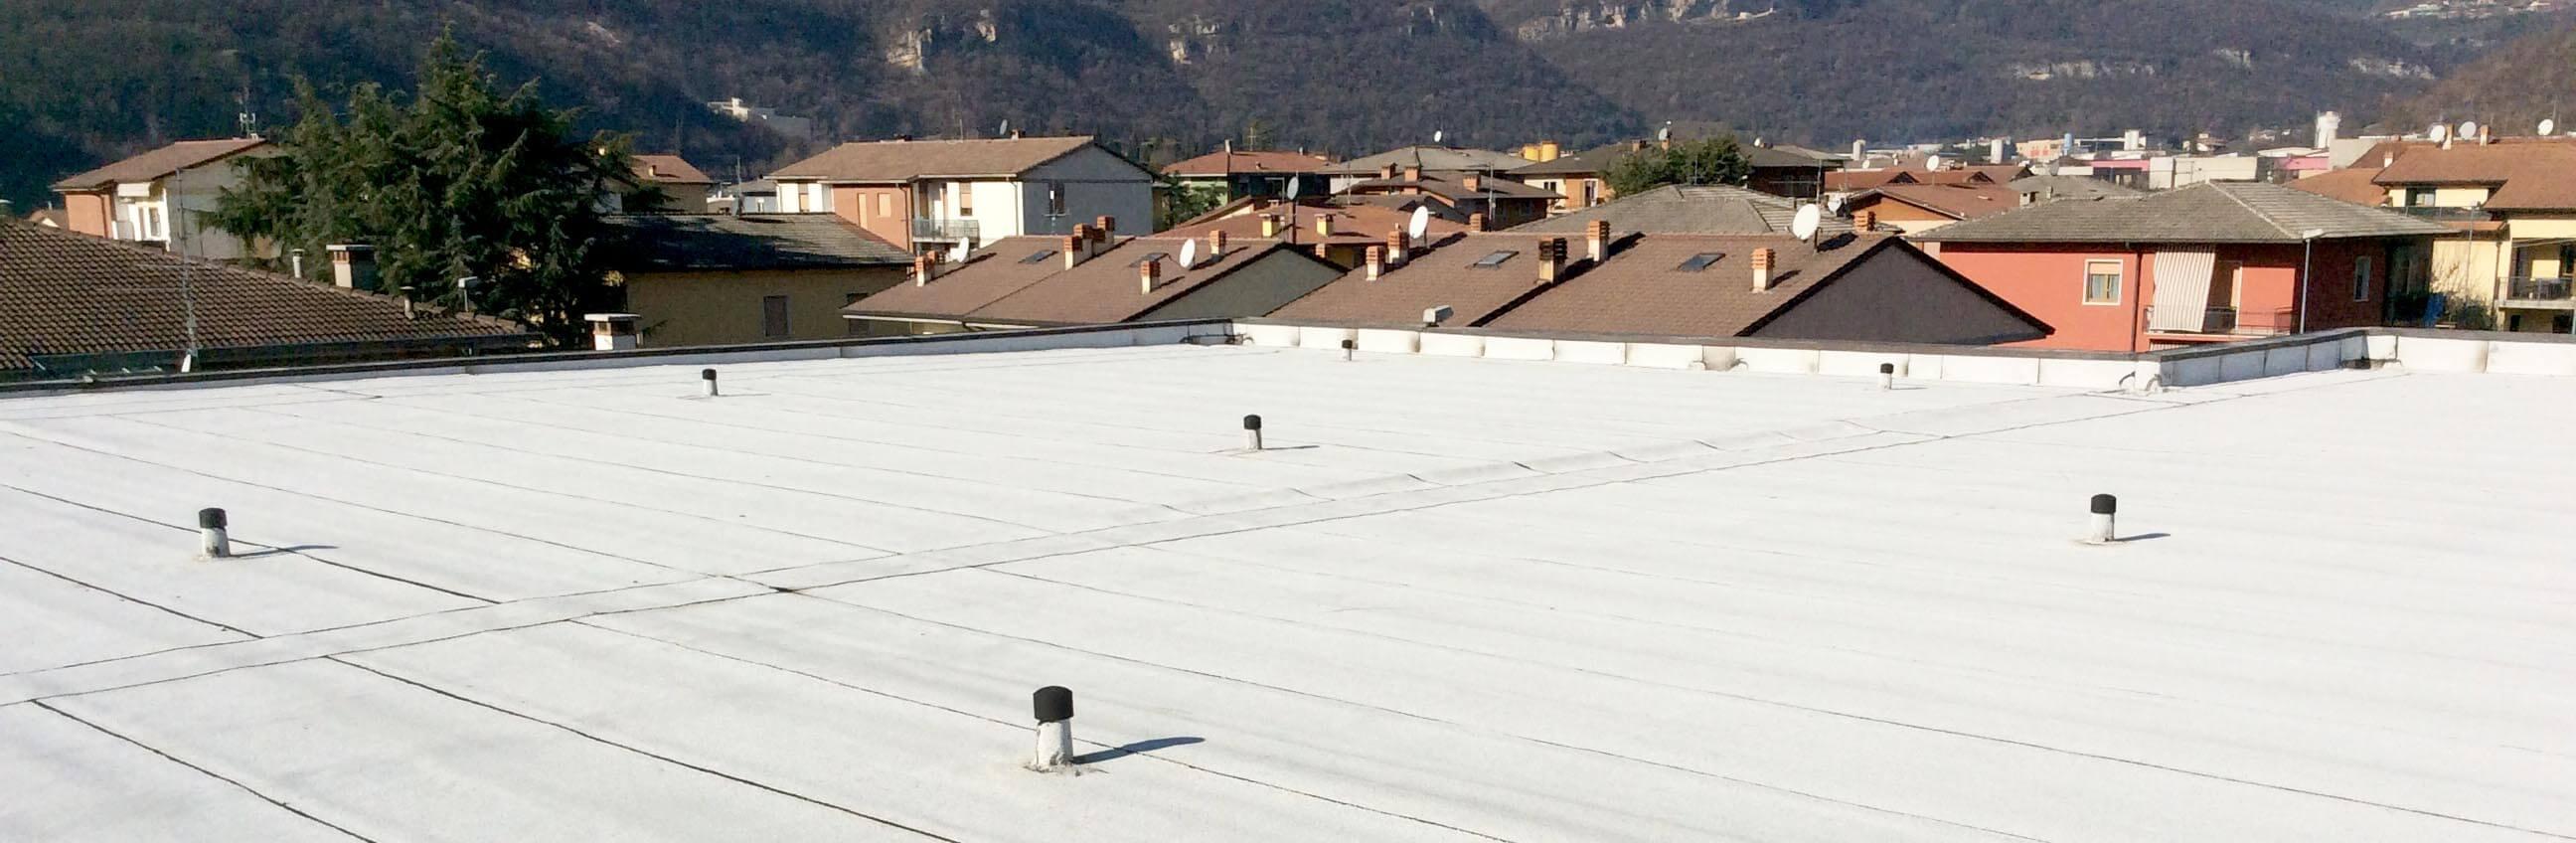 rifacimento impermeabilizzazione copertura industriale piana ardesiata_COVER